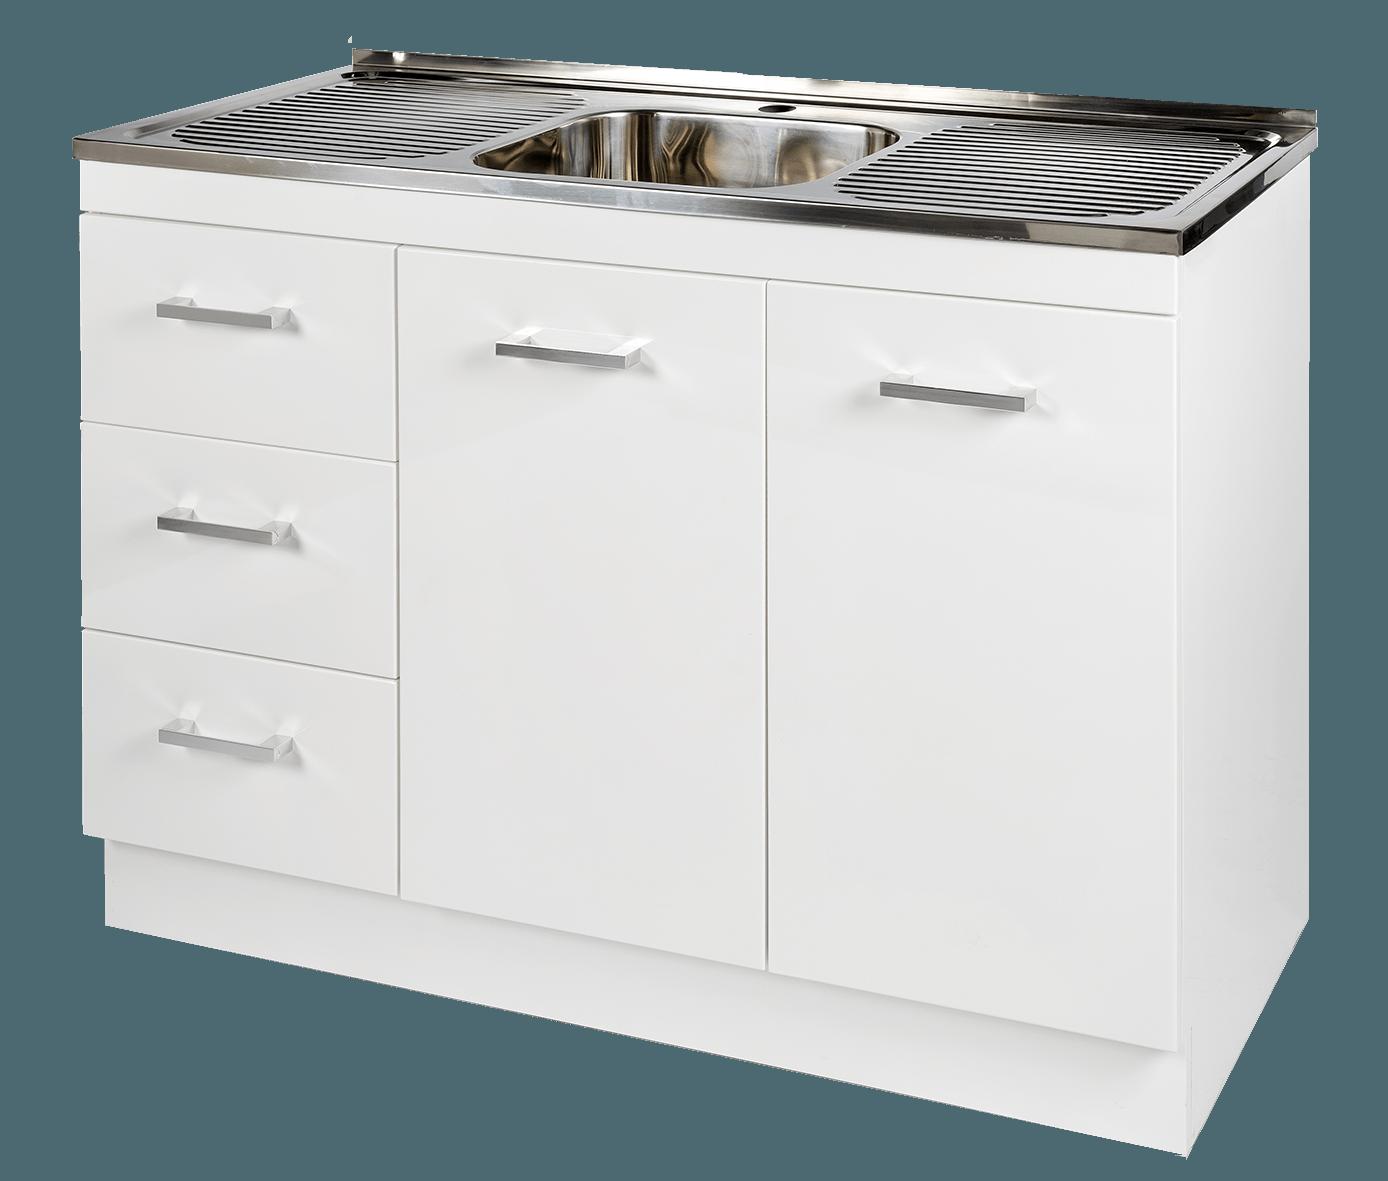 Kitchen Cabinet Perth: Kitchenette Sink & Cabinet LHD